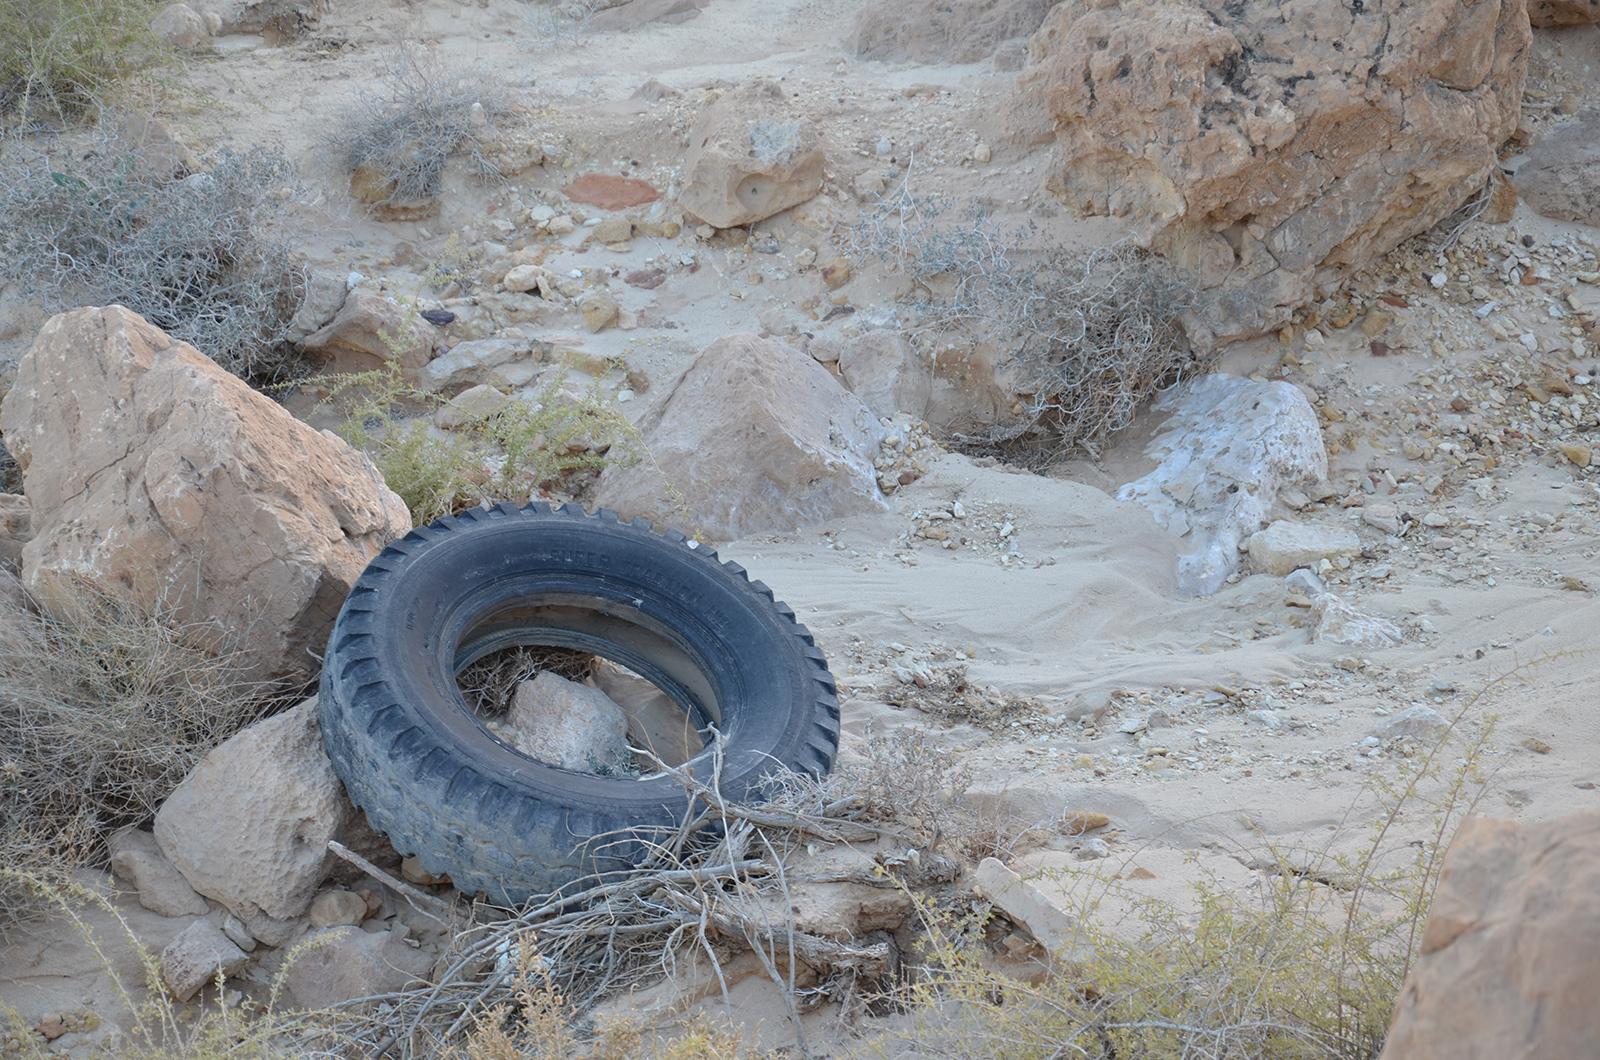 traktorová pneu kdesi v Negevské poušti